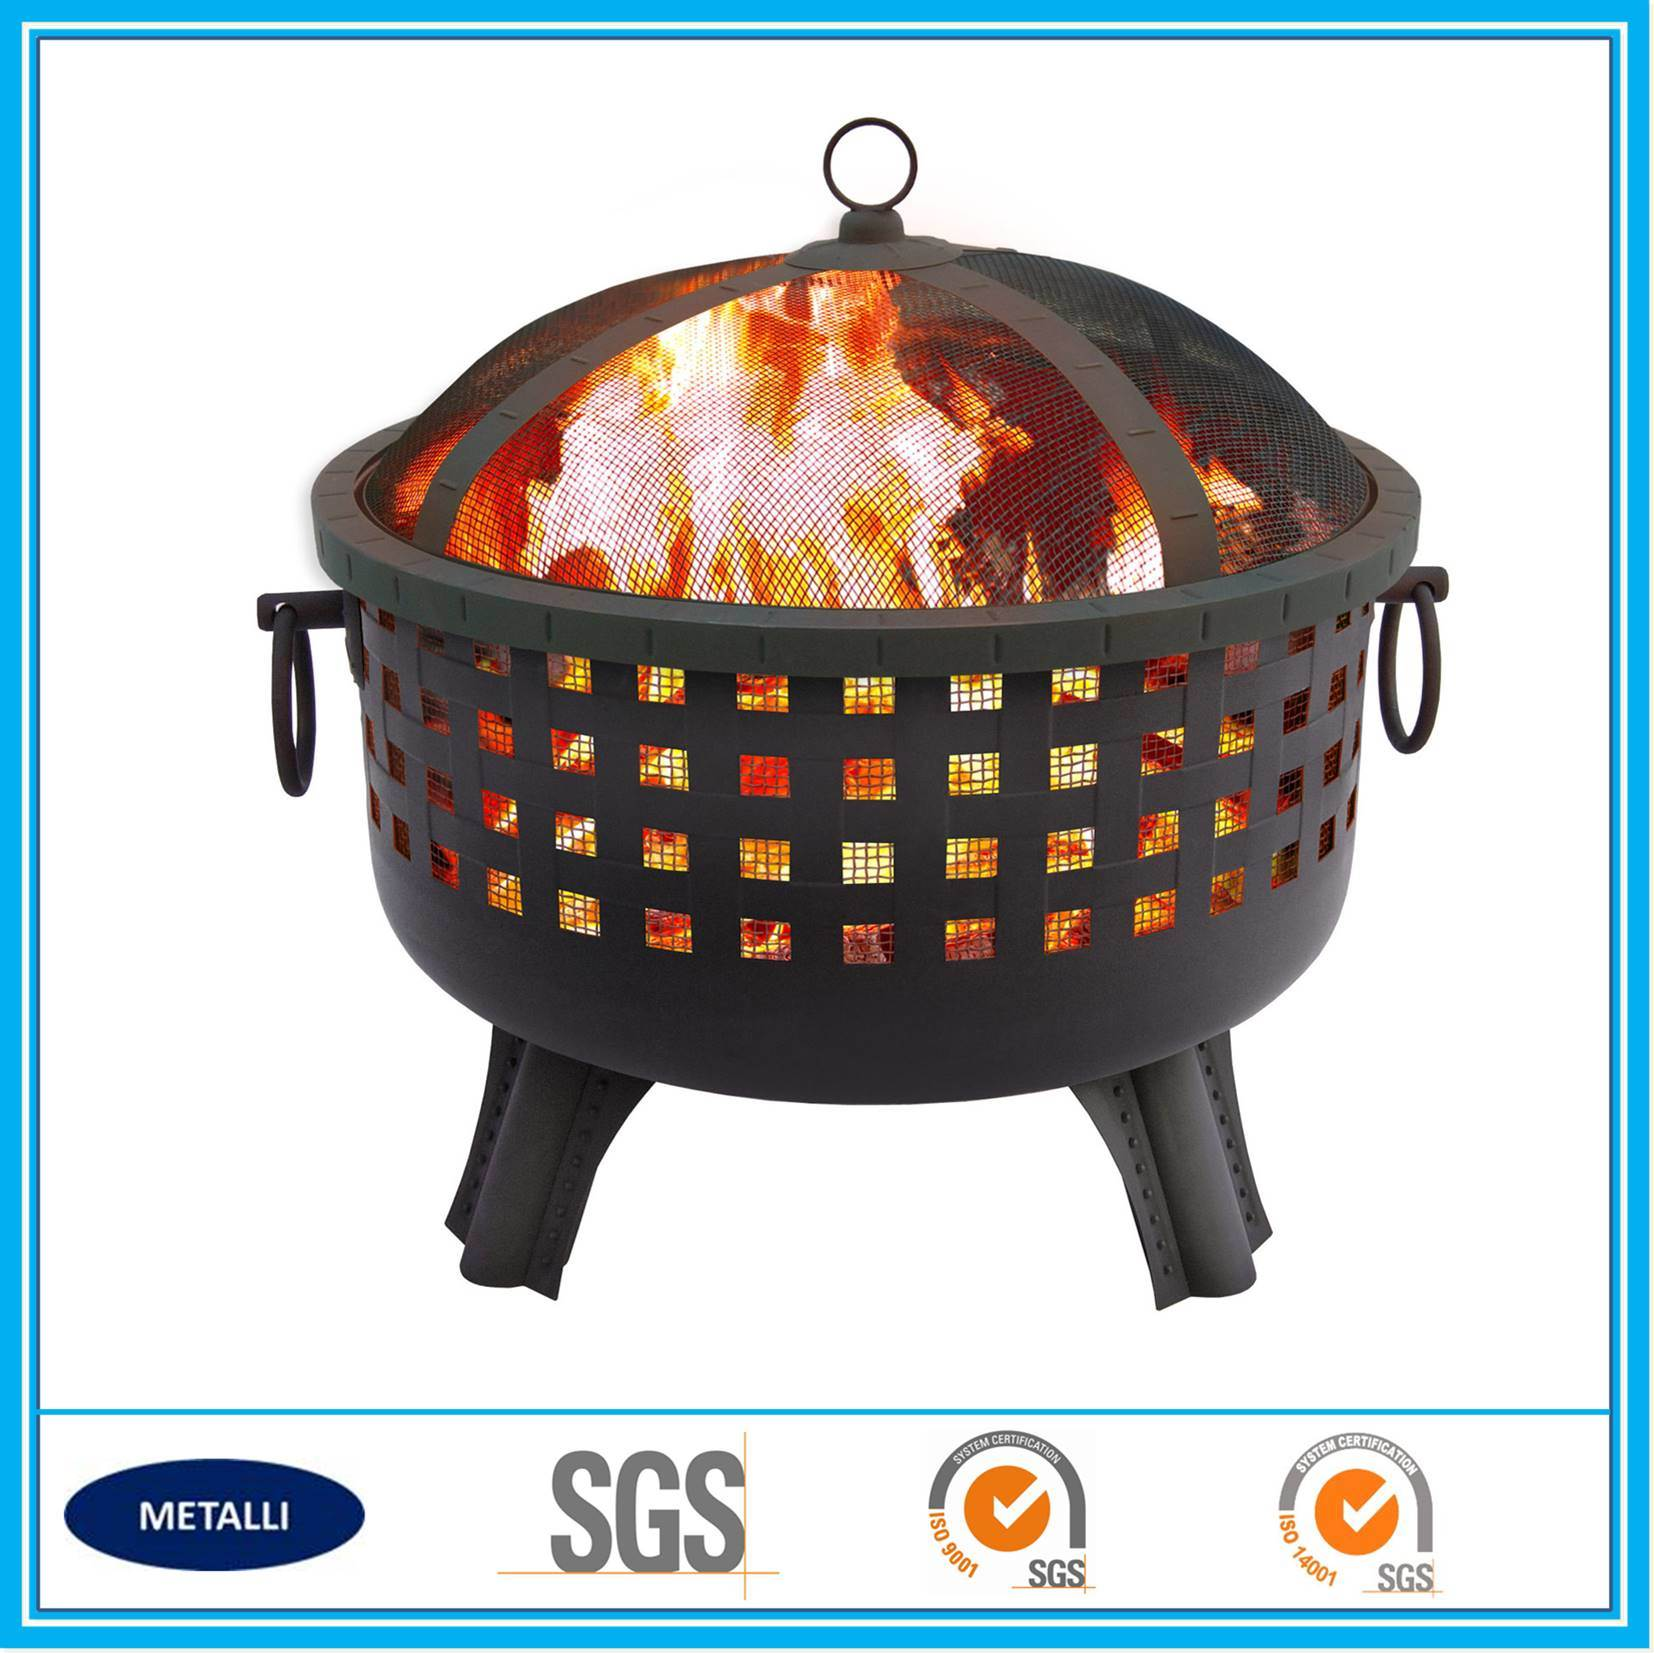 Best Portable Modern Backyard Large Steel Outdoor Fire Pit